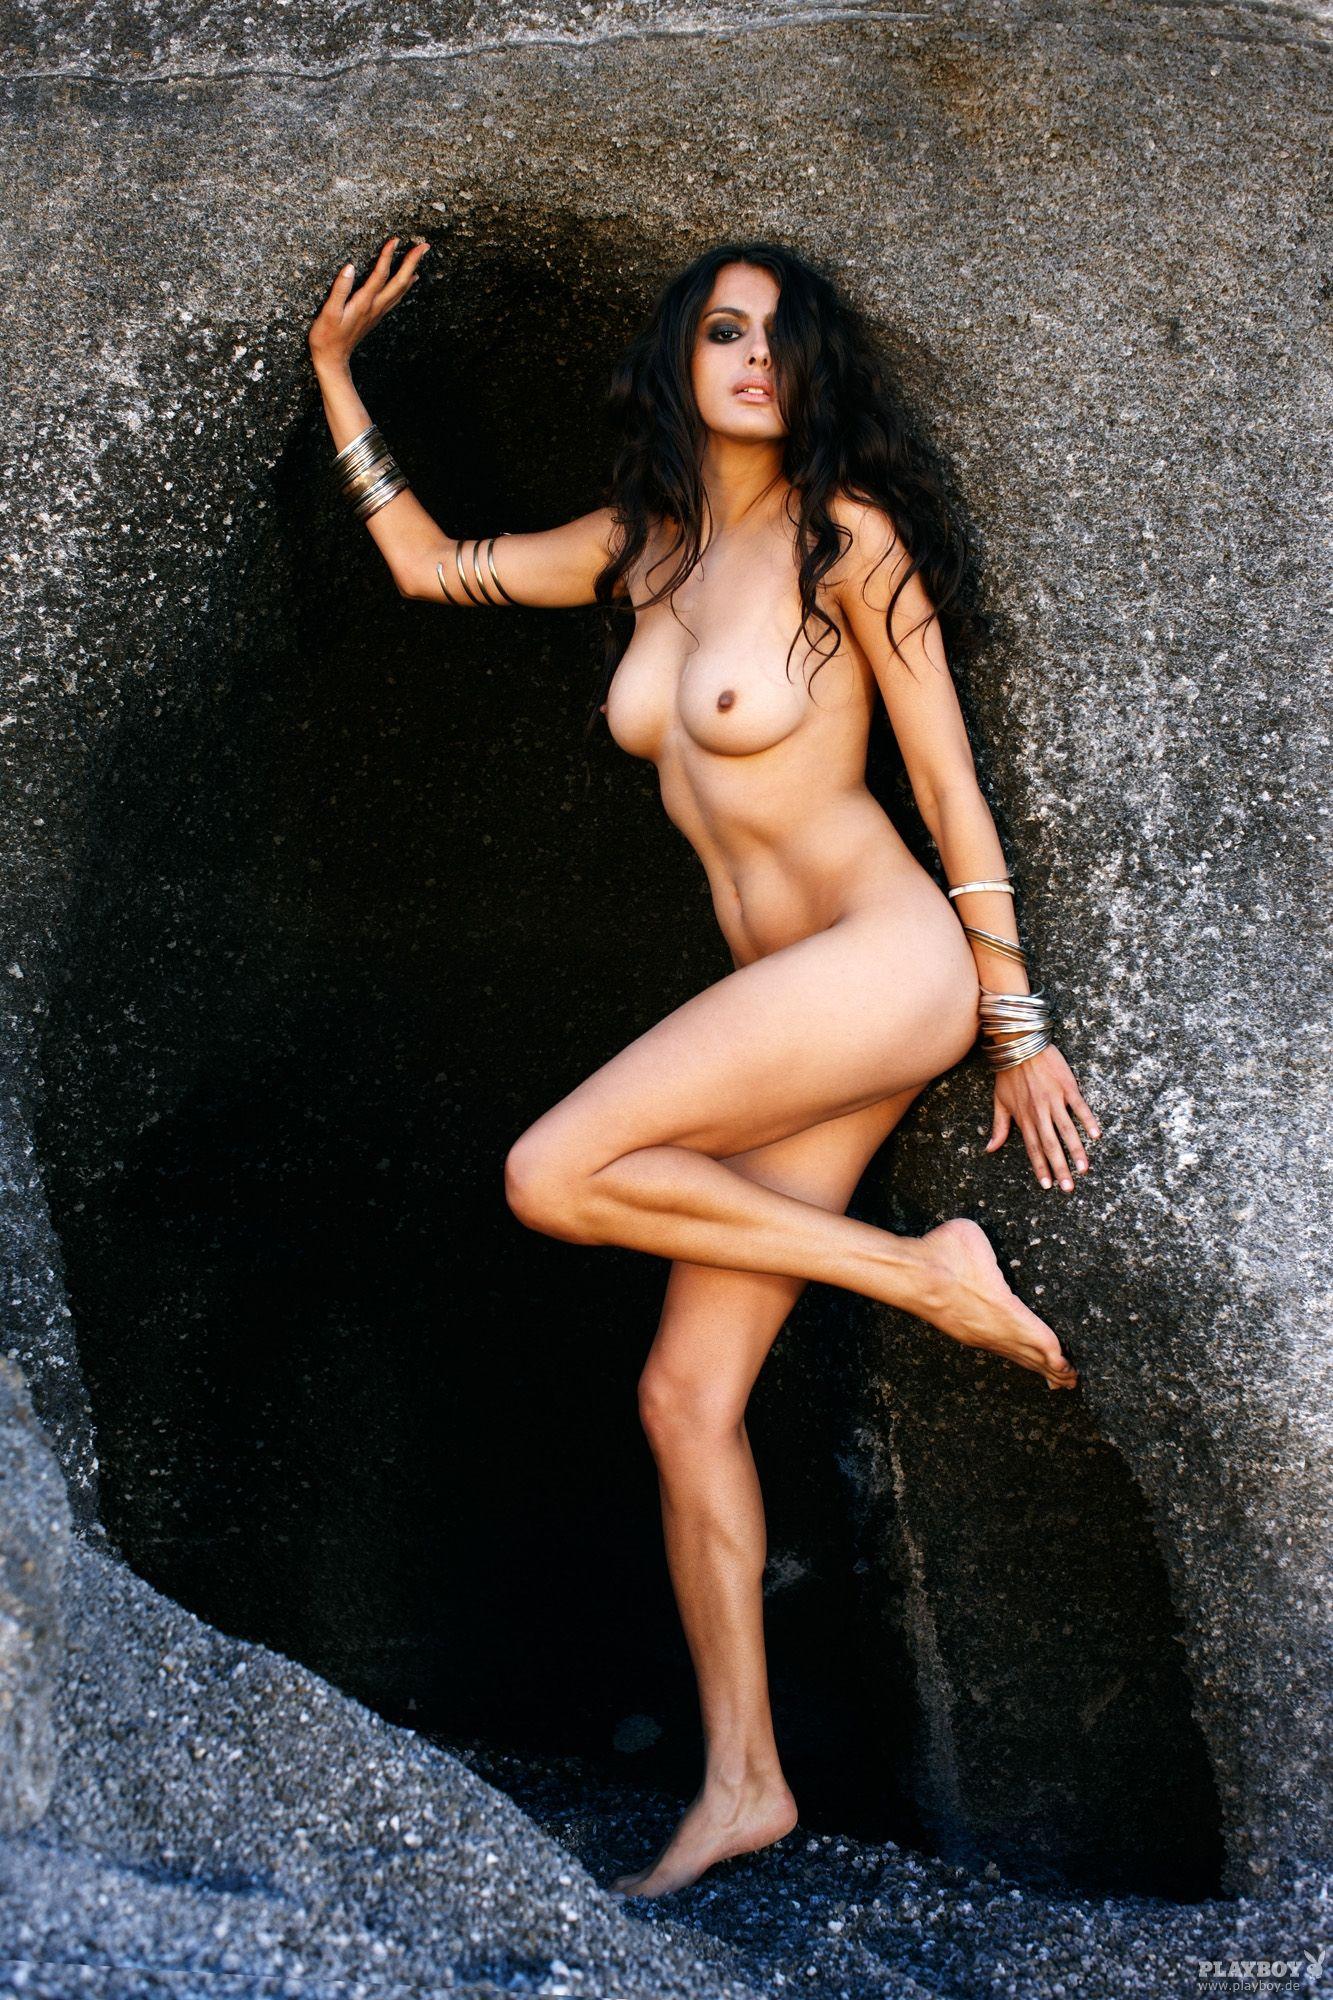 31810_GabrielaMilagre_PlayboyGermany_August201233_123_441lo.jpg